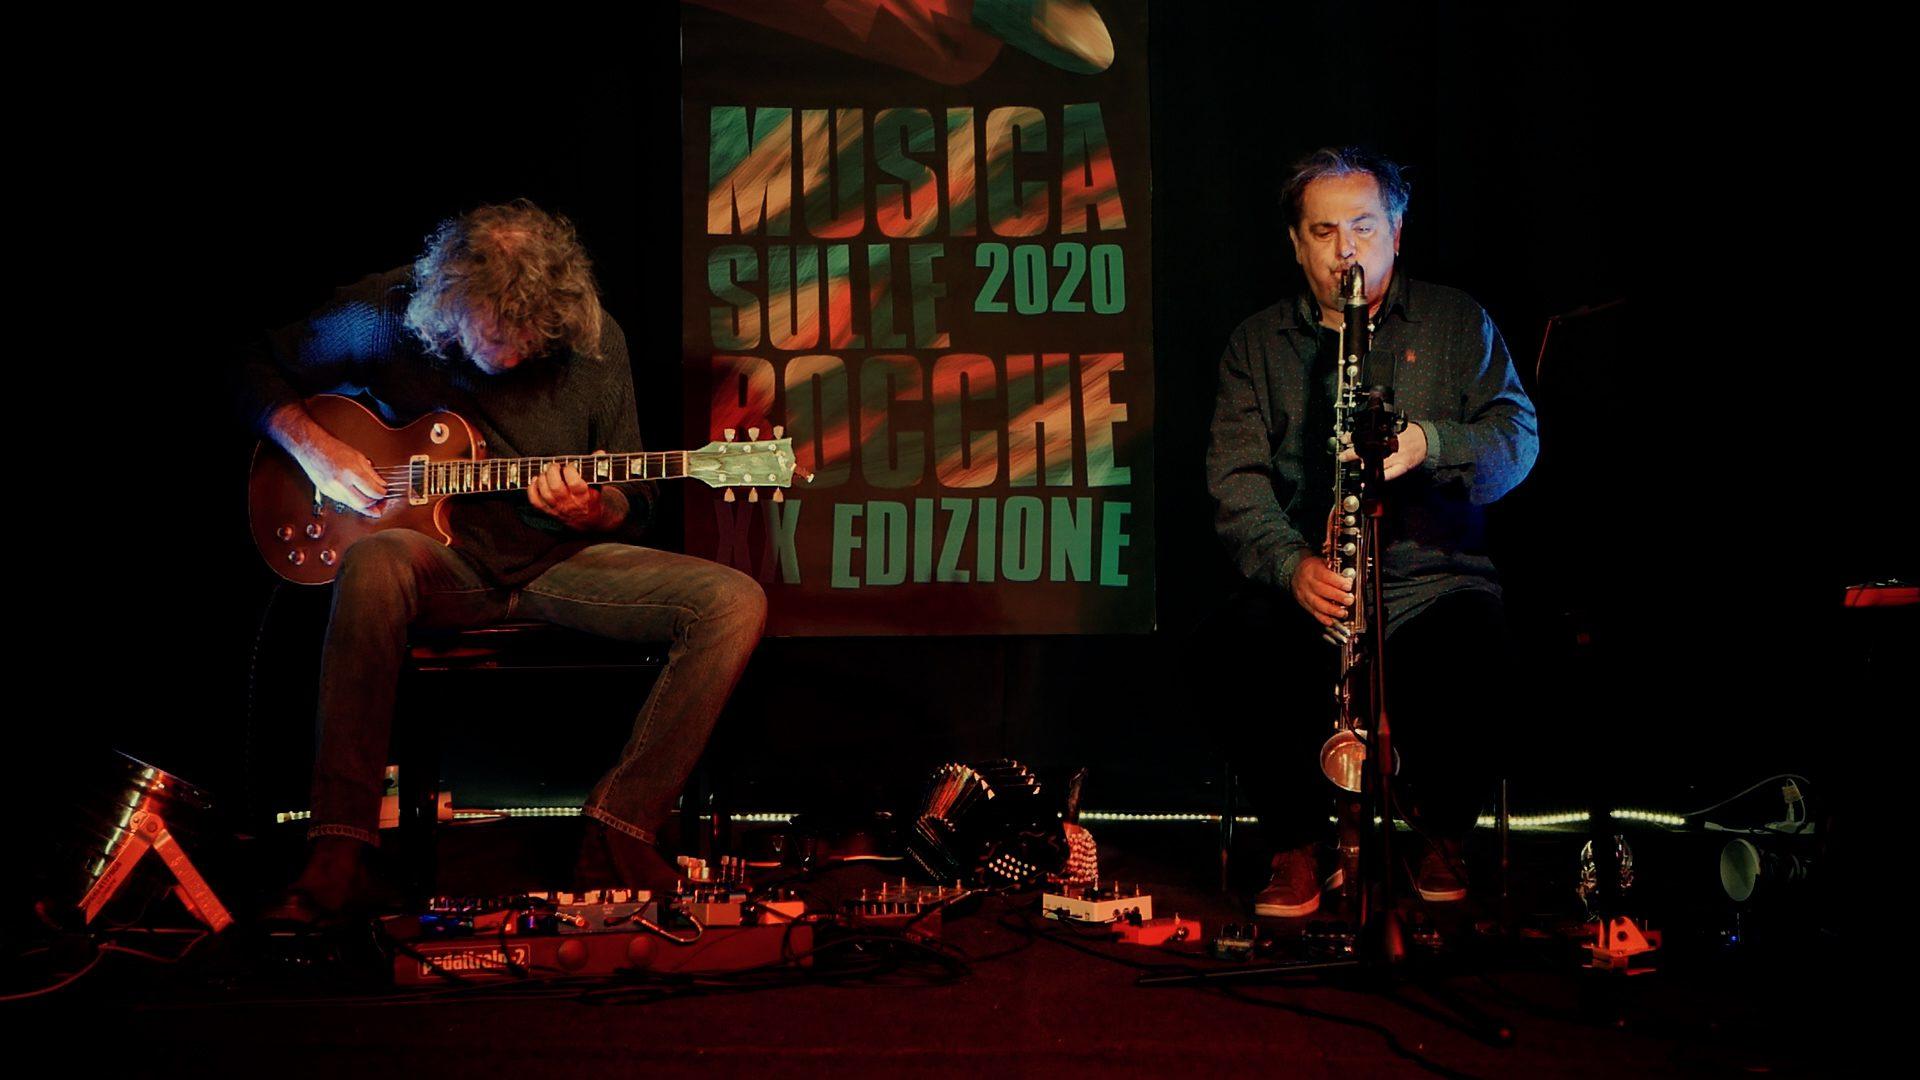 Jazz Festival di Lima, Enzo Favata e Marcello Peghin  ospiti in Perù dell'edizione on line dell'International